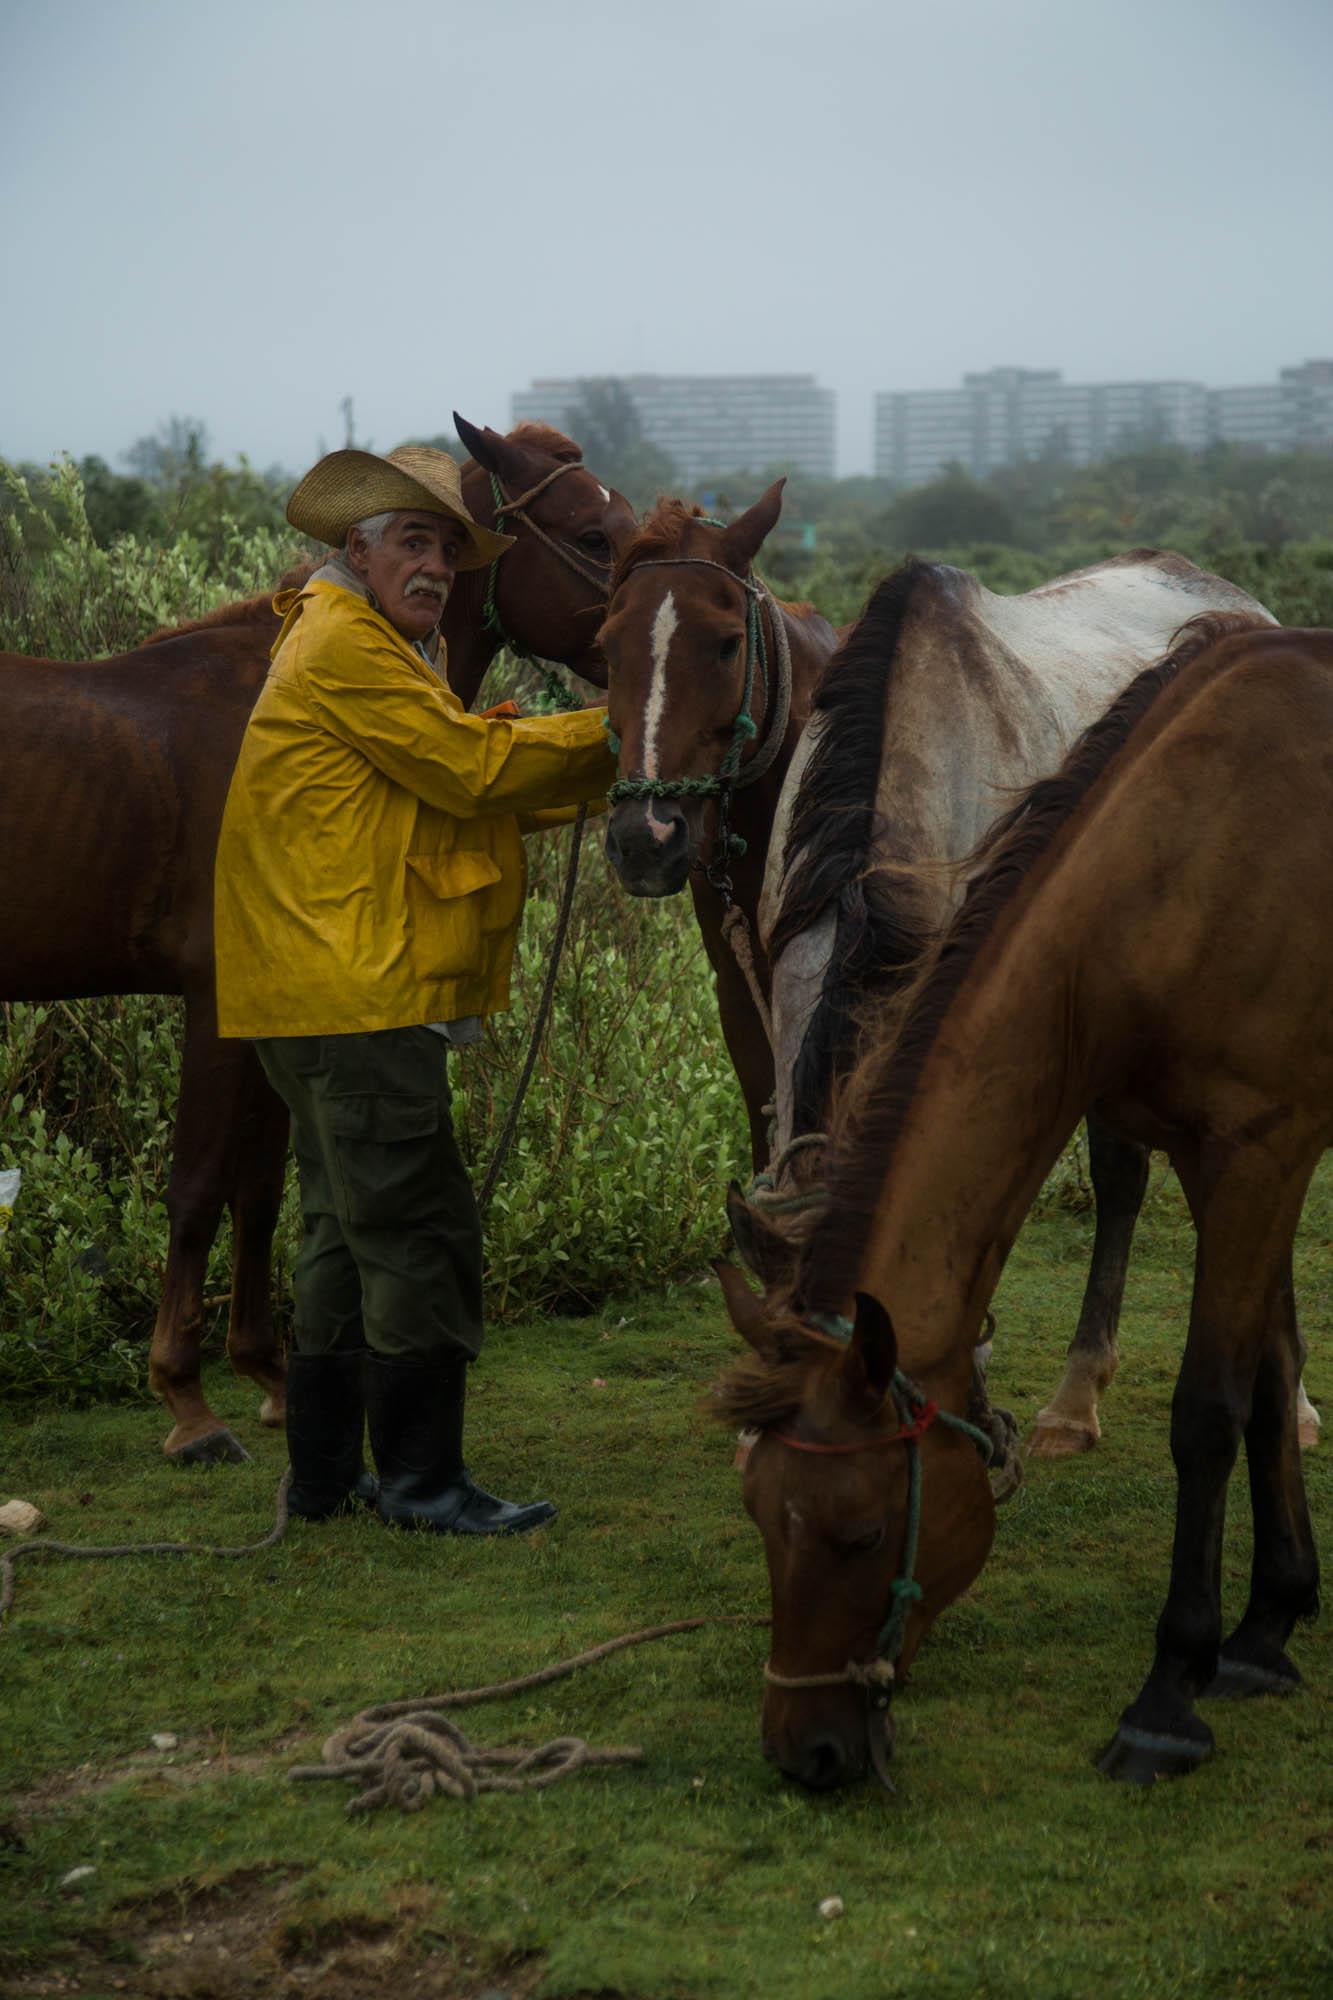 Un campesino deja a sus caballos comer y refrescarse antes de resguardarlos (Foto: Jorge Ricardo)